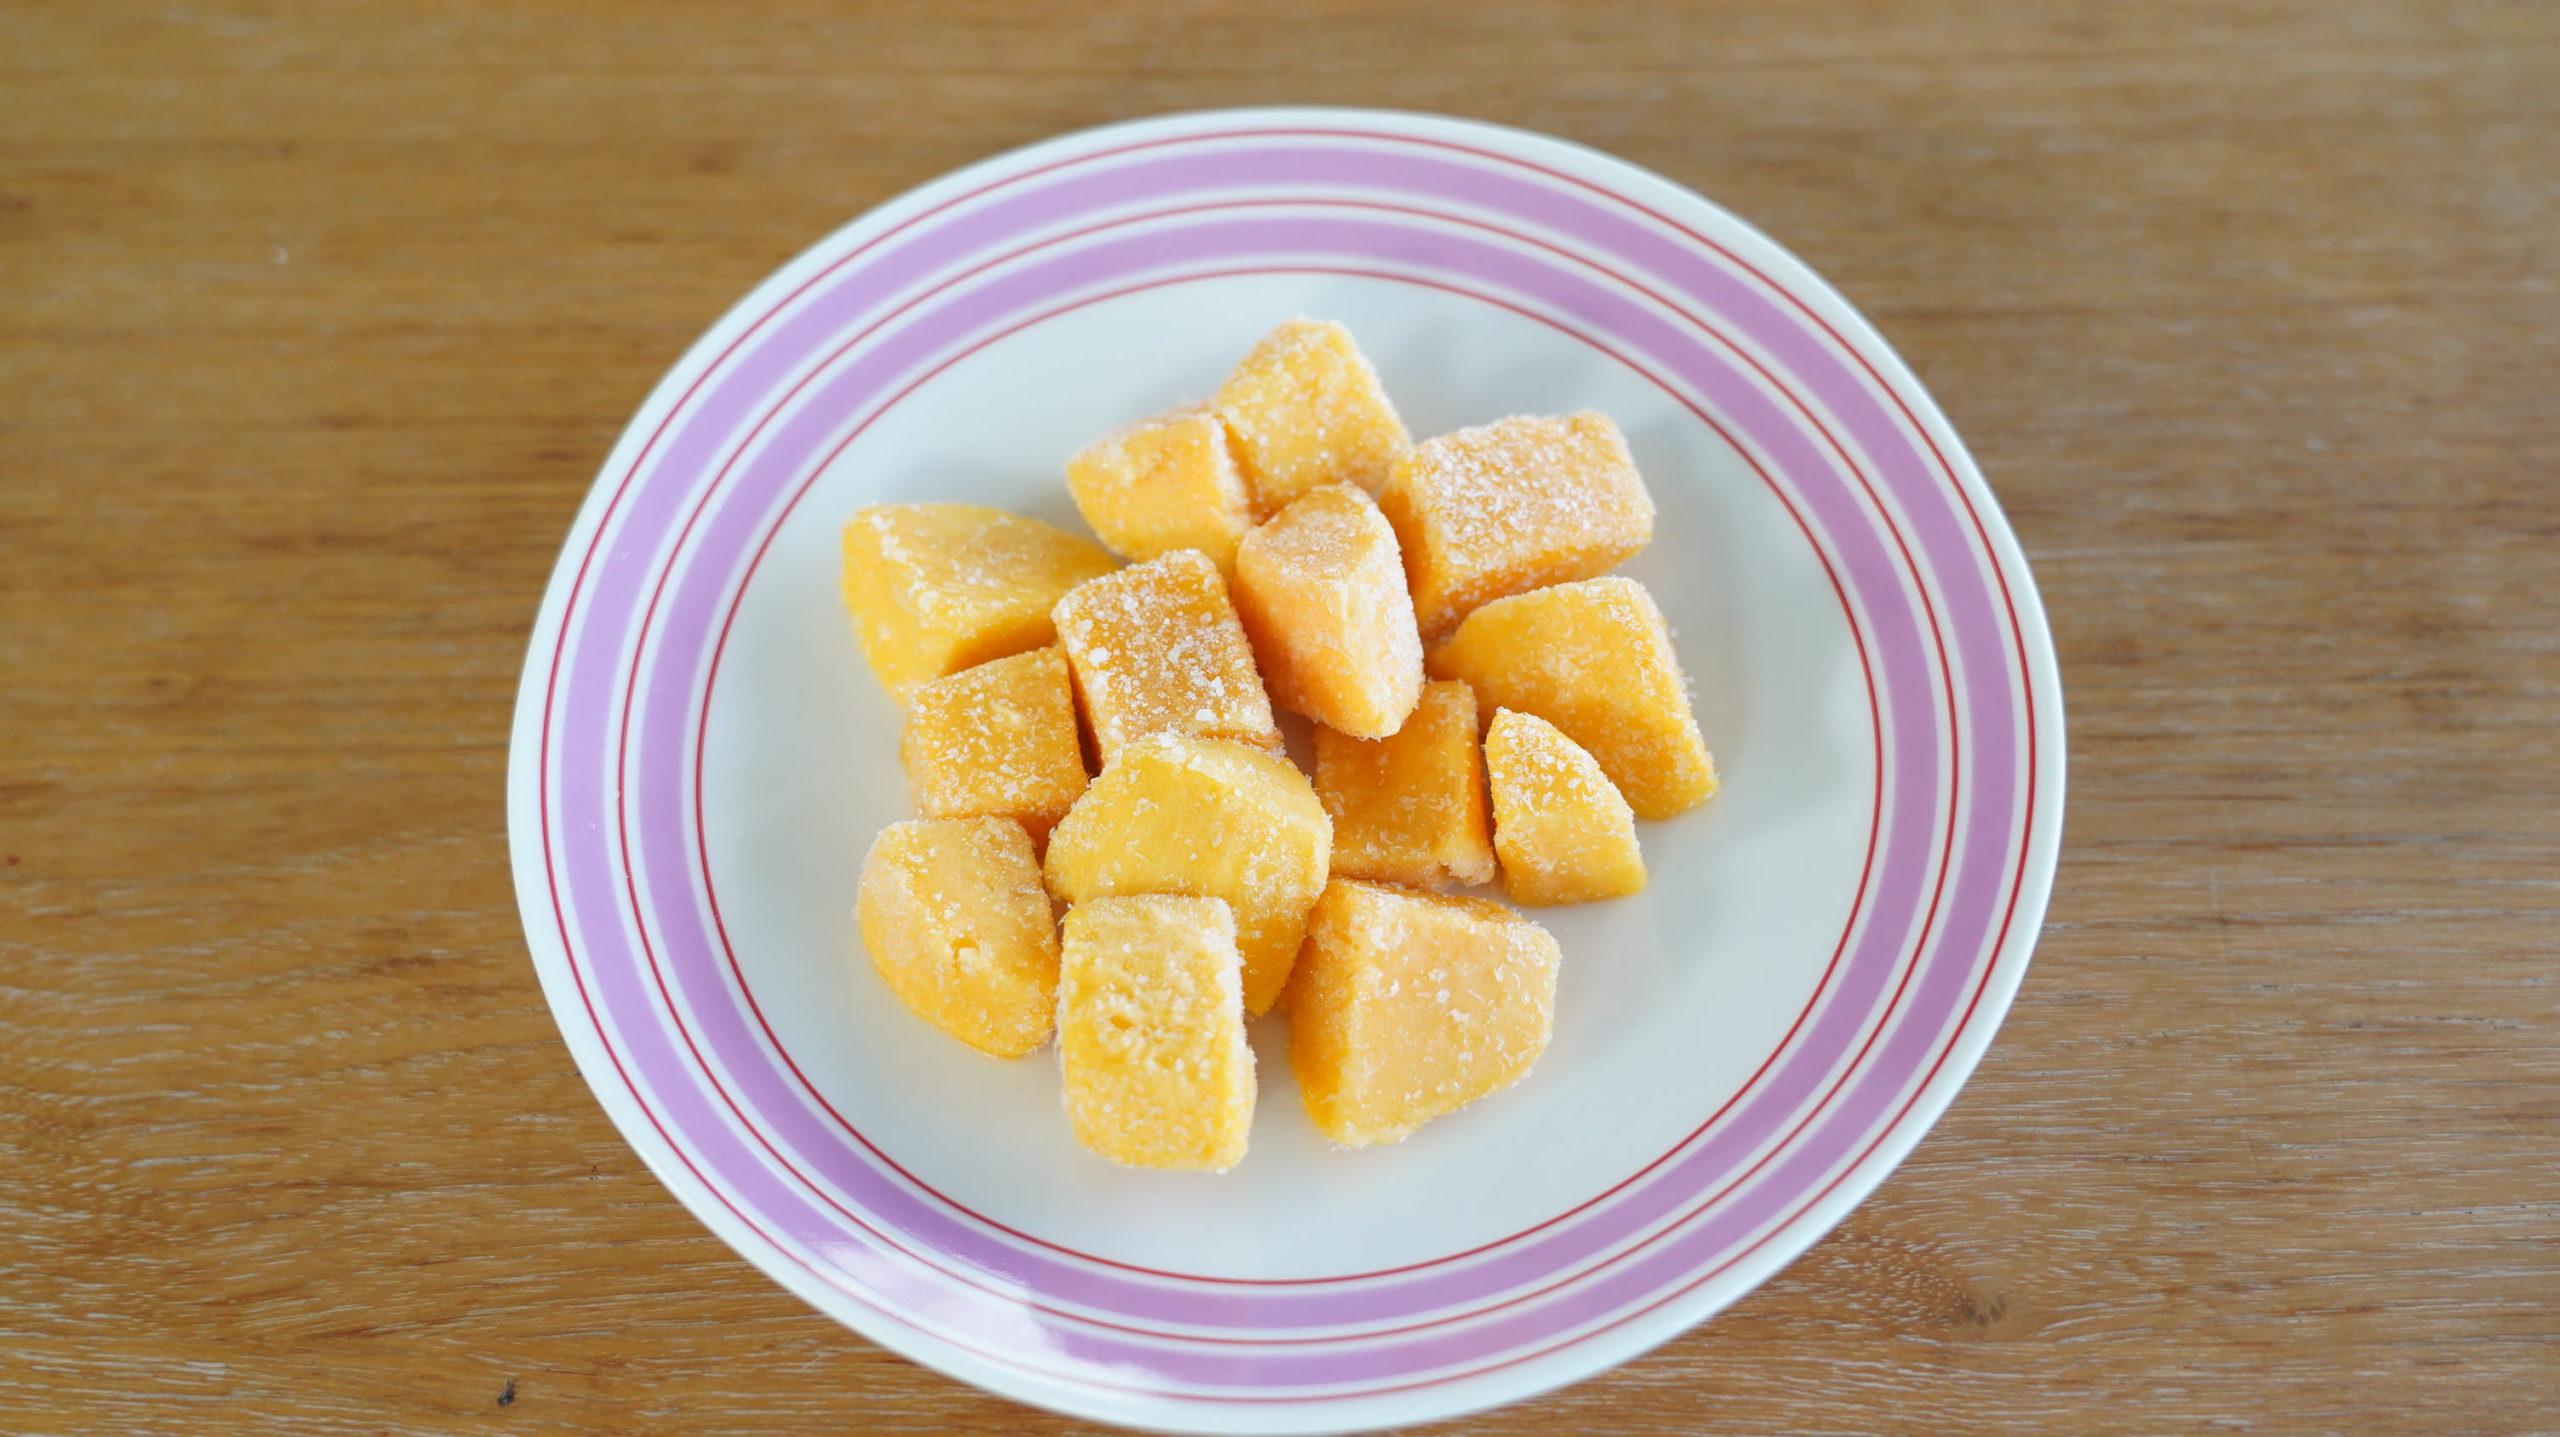 セブンイレブンのおすすめ冷凍食品「アップルマンゴー」を皿に盛り付けた写真